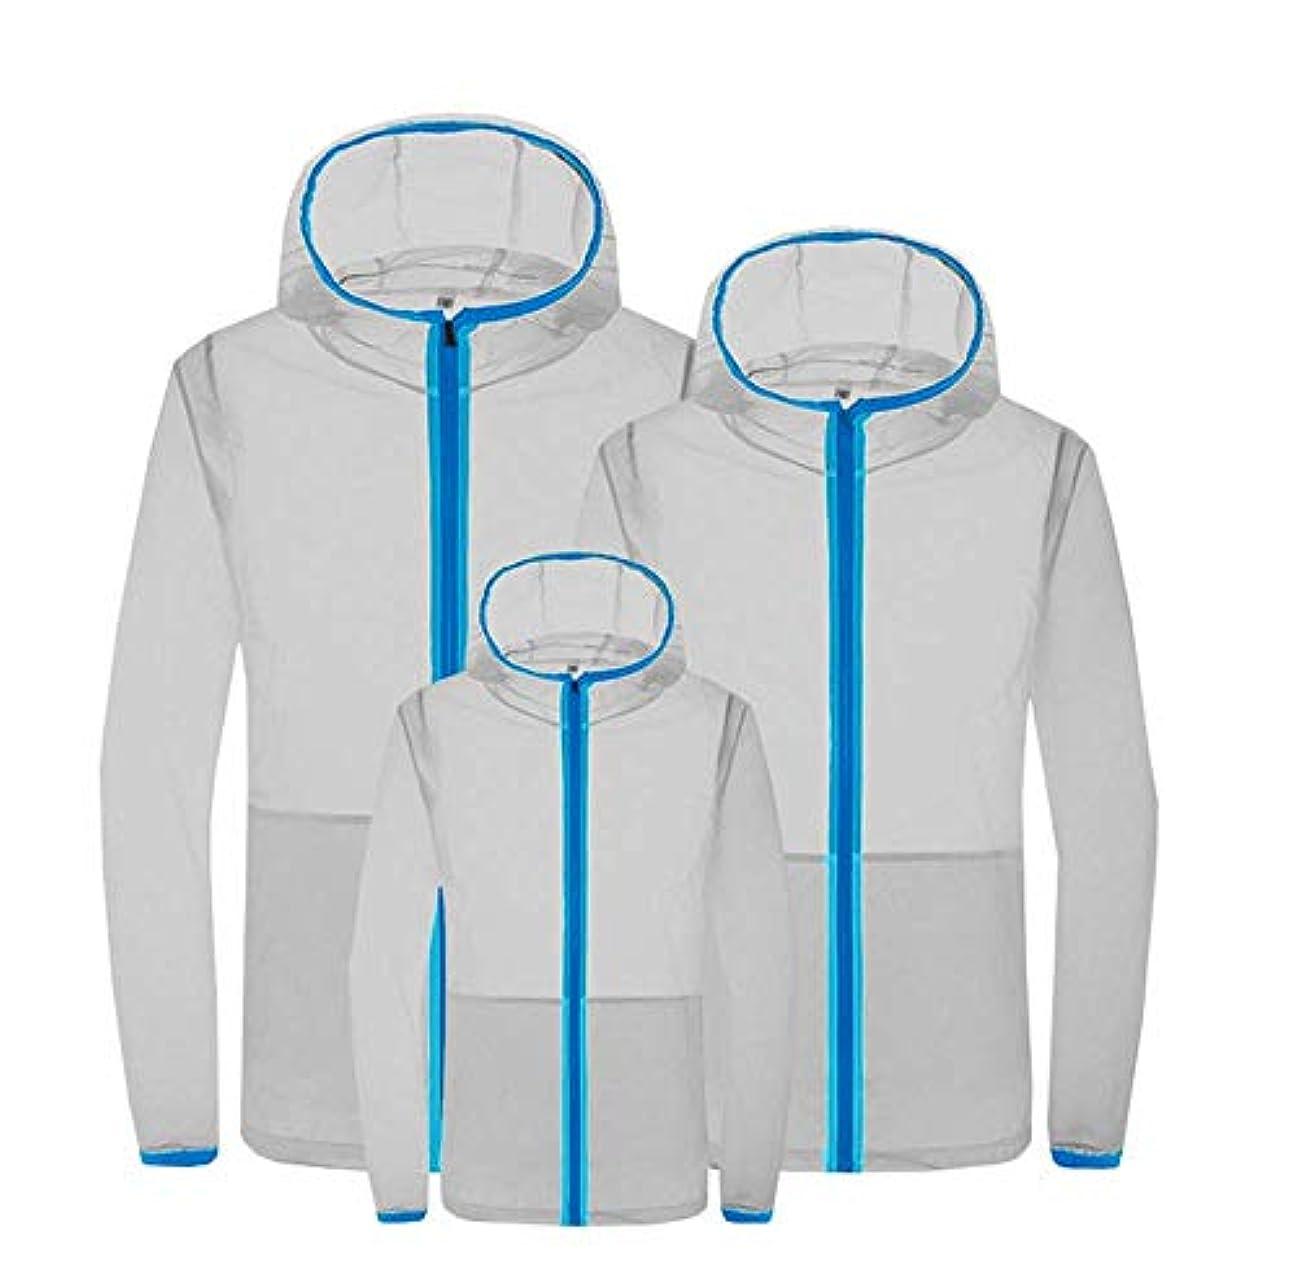 乱雑なほのめかすすべて夏のエアコンスーツスマート3速冷却スーツ日焼け防止服防滴防蚊服ファン冷却肌の服,Gray,S